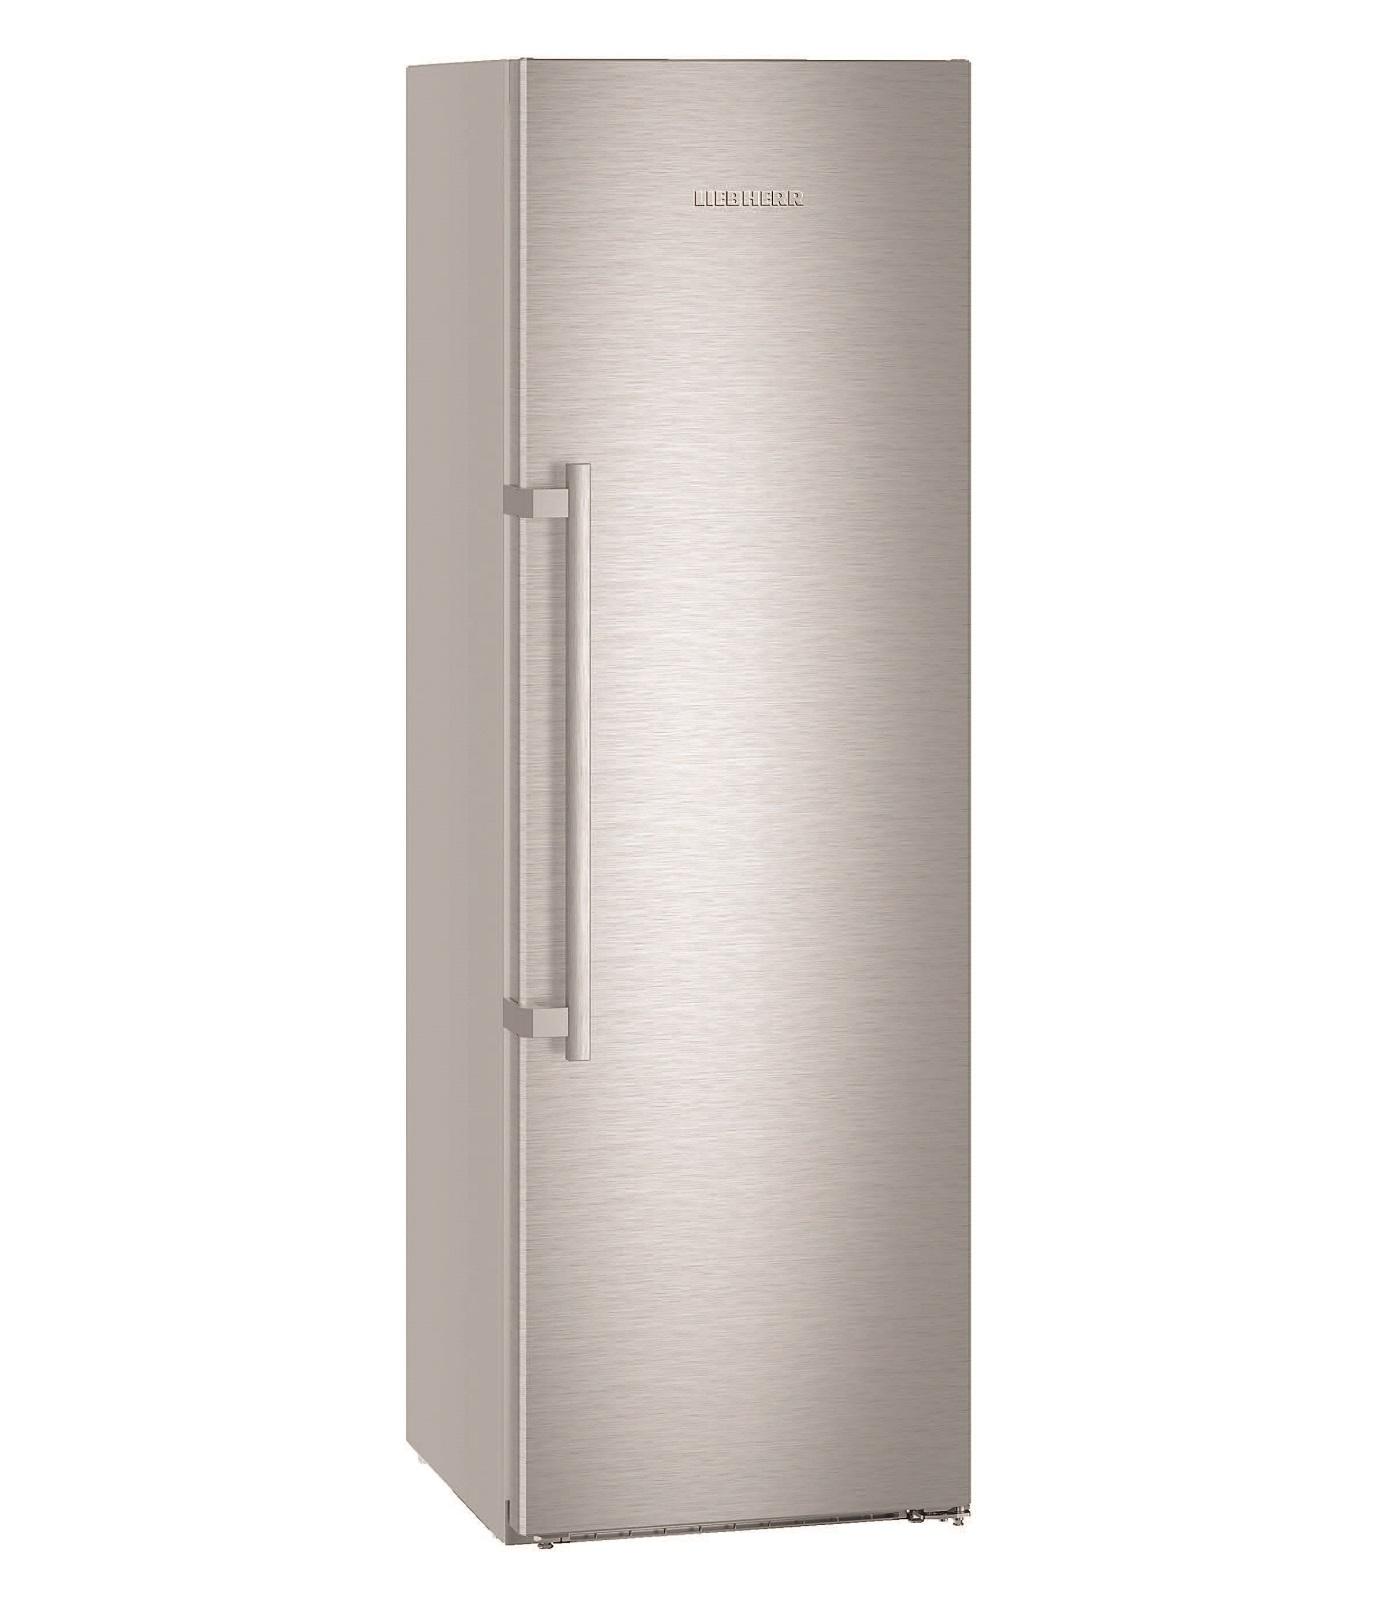 купить Однокамерный холодильник Liebherr KBef 4330 Украина фото 4